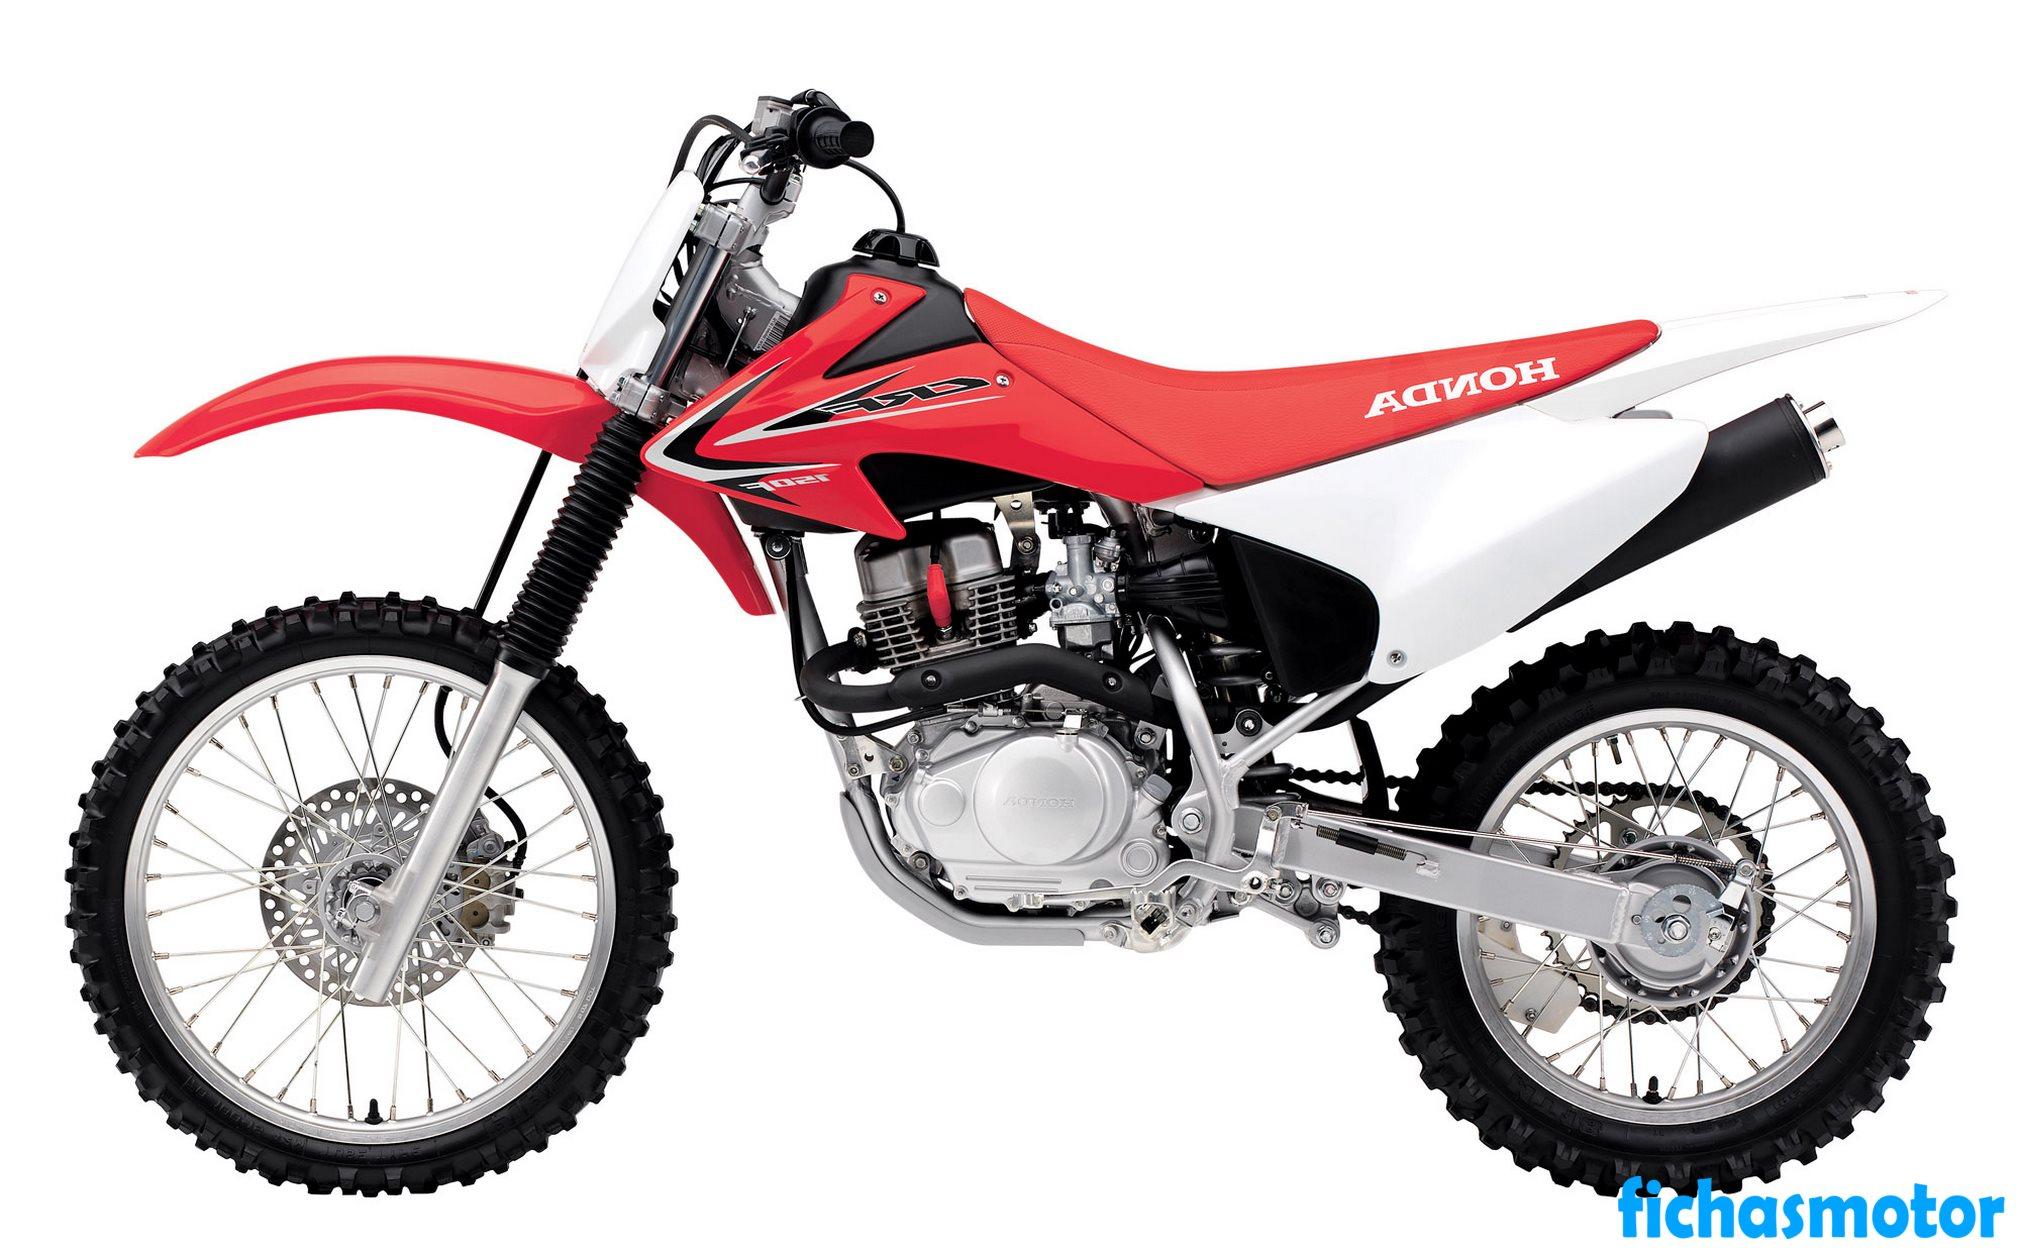 Ficha técnica Honda crf150f 2013